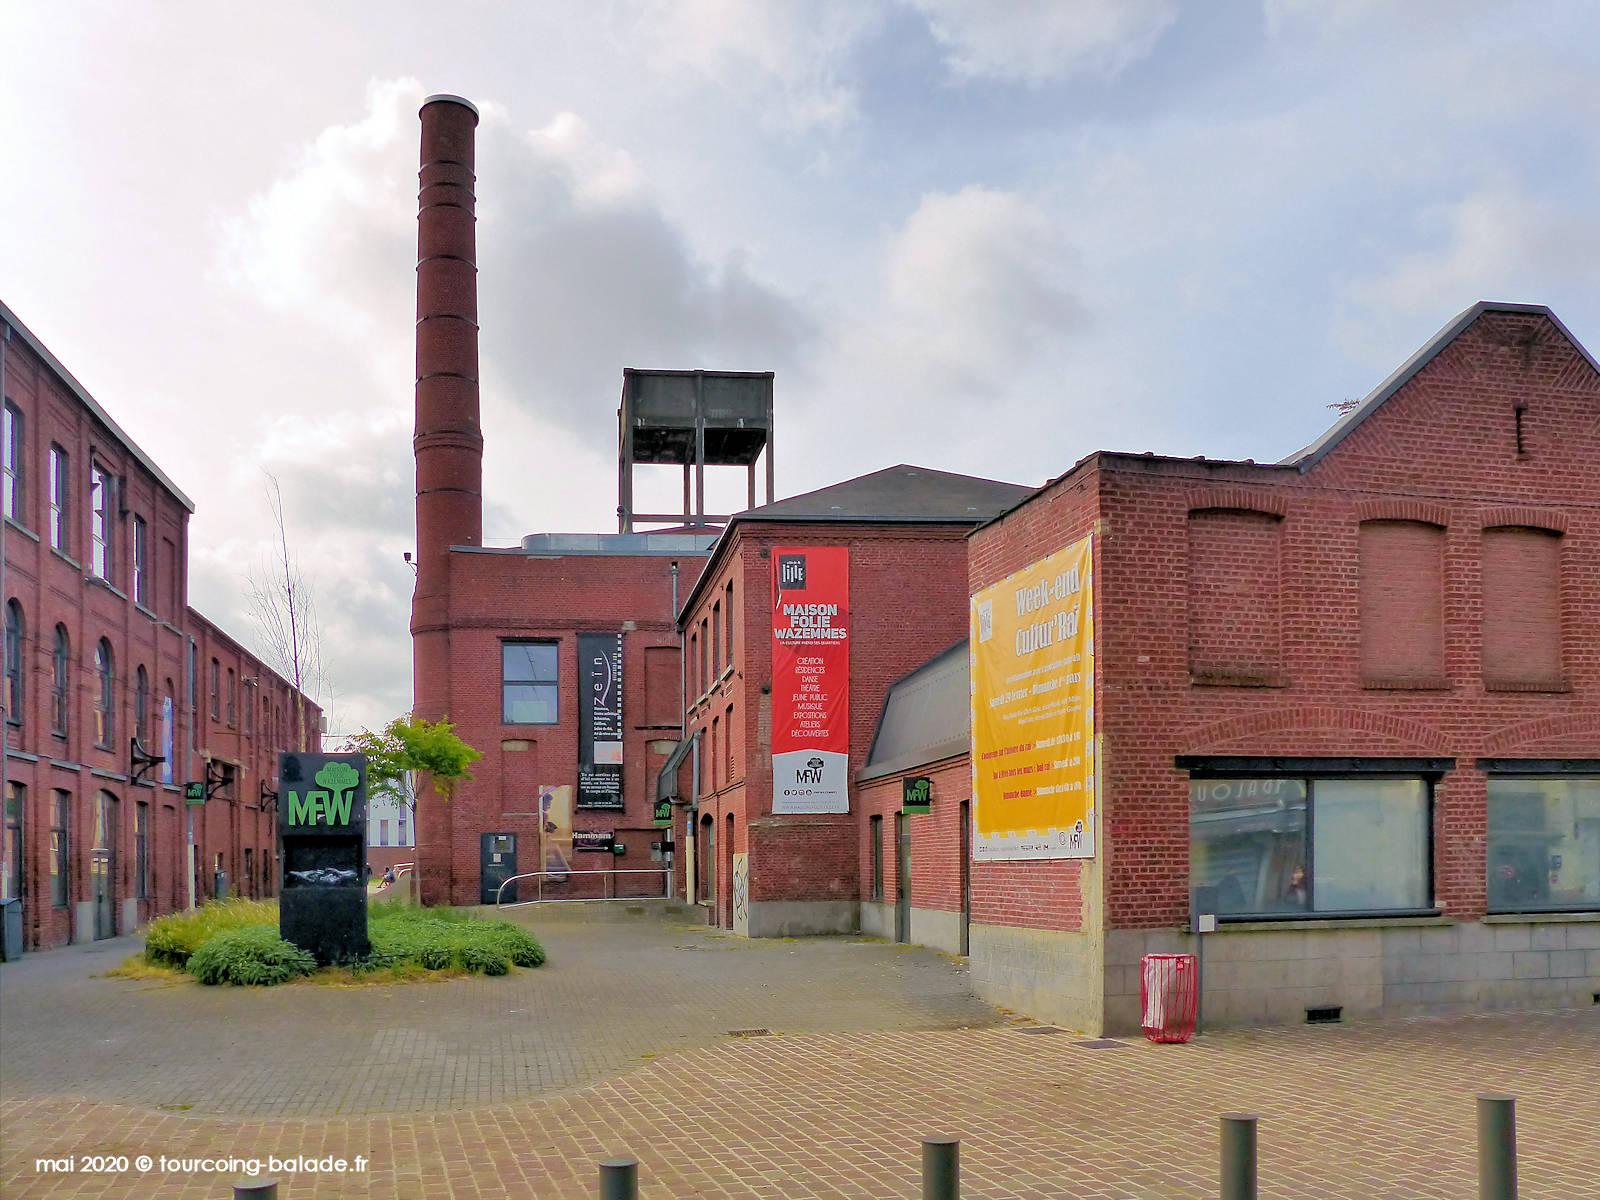 Maison Folie Wazemmes, Lille, 2020